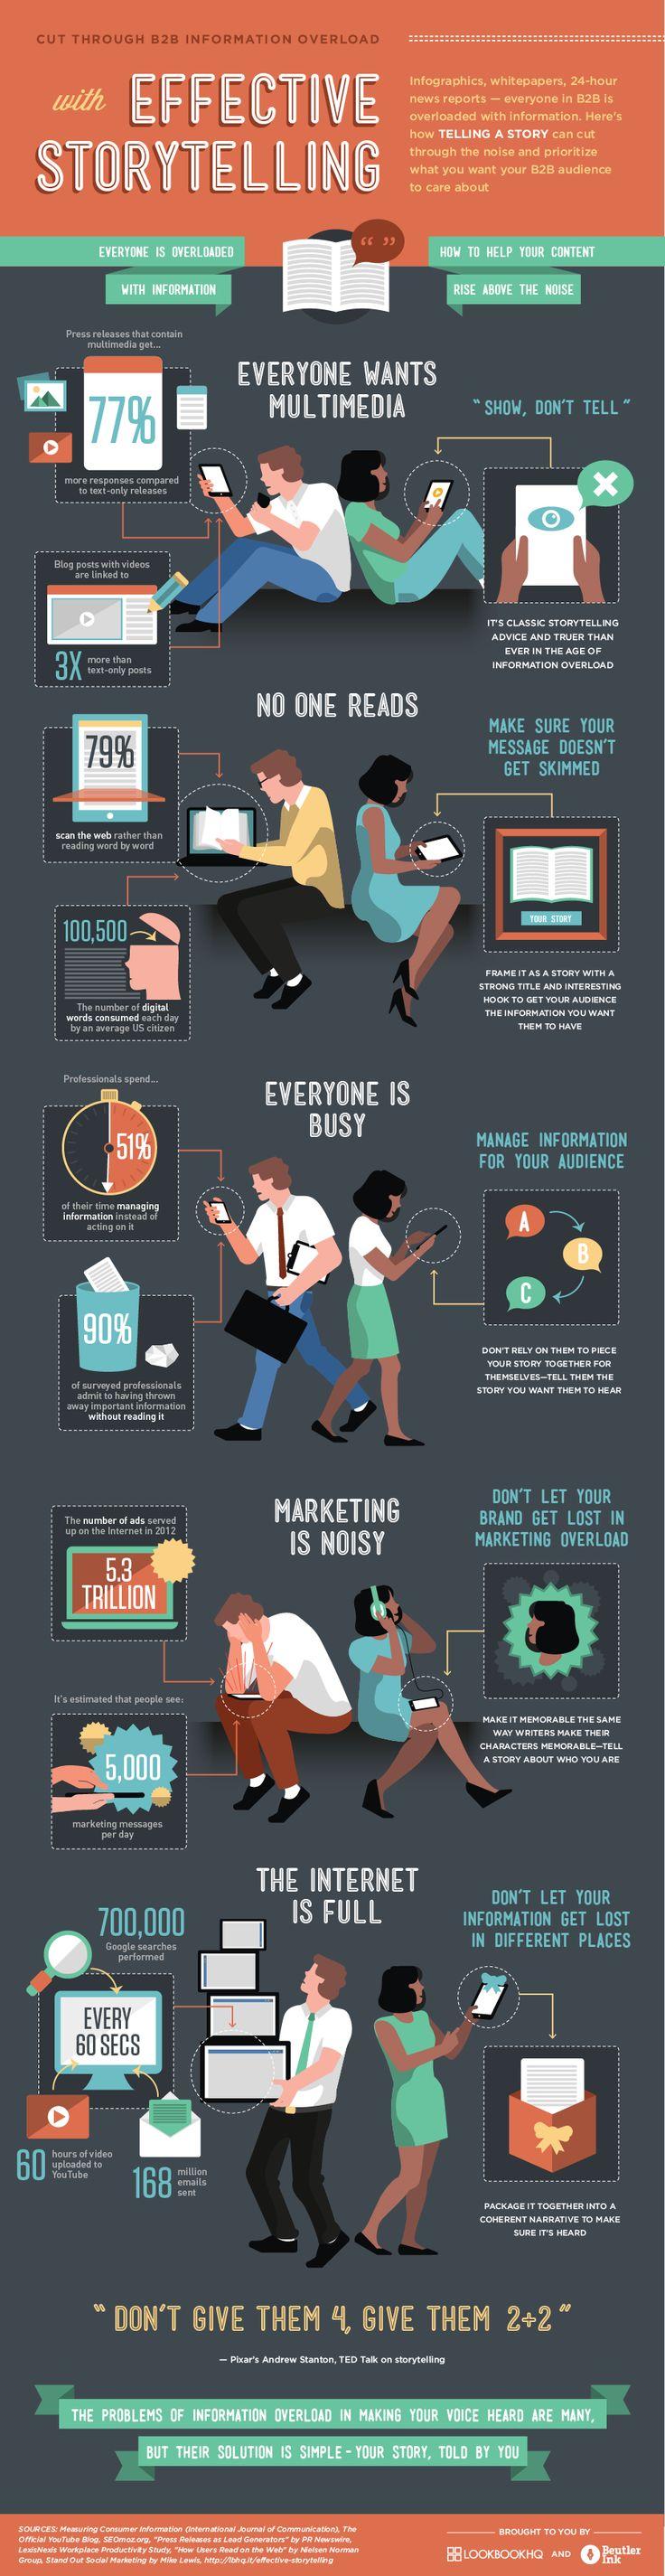 Storytelling ist einer der erfolgreichsten Wege, Ihr Produkt oder Ihre Dienstleistung erfolgreich und vertraulich zu vermarkten.